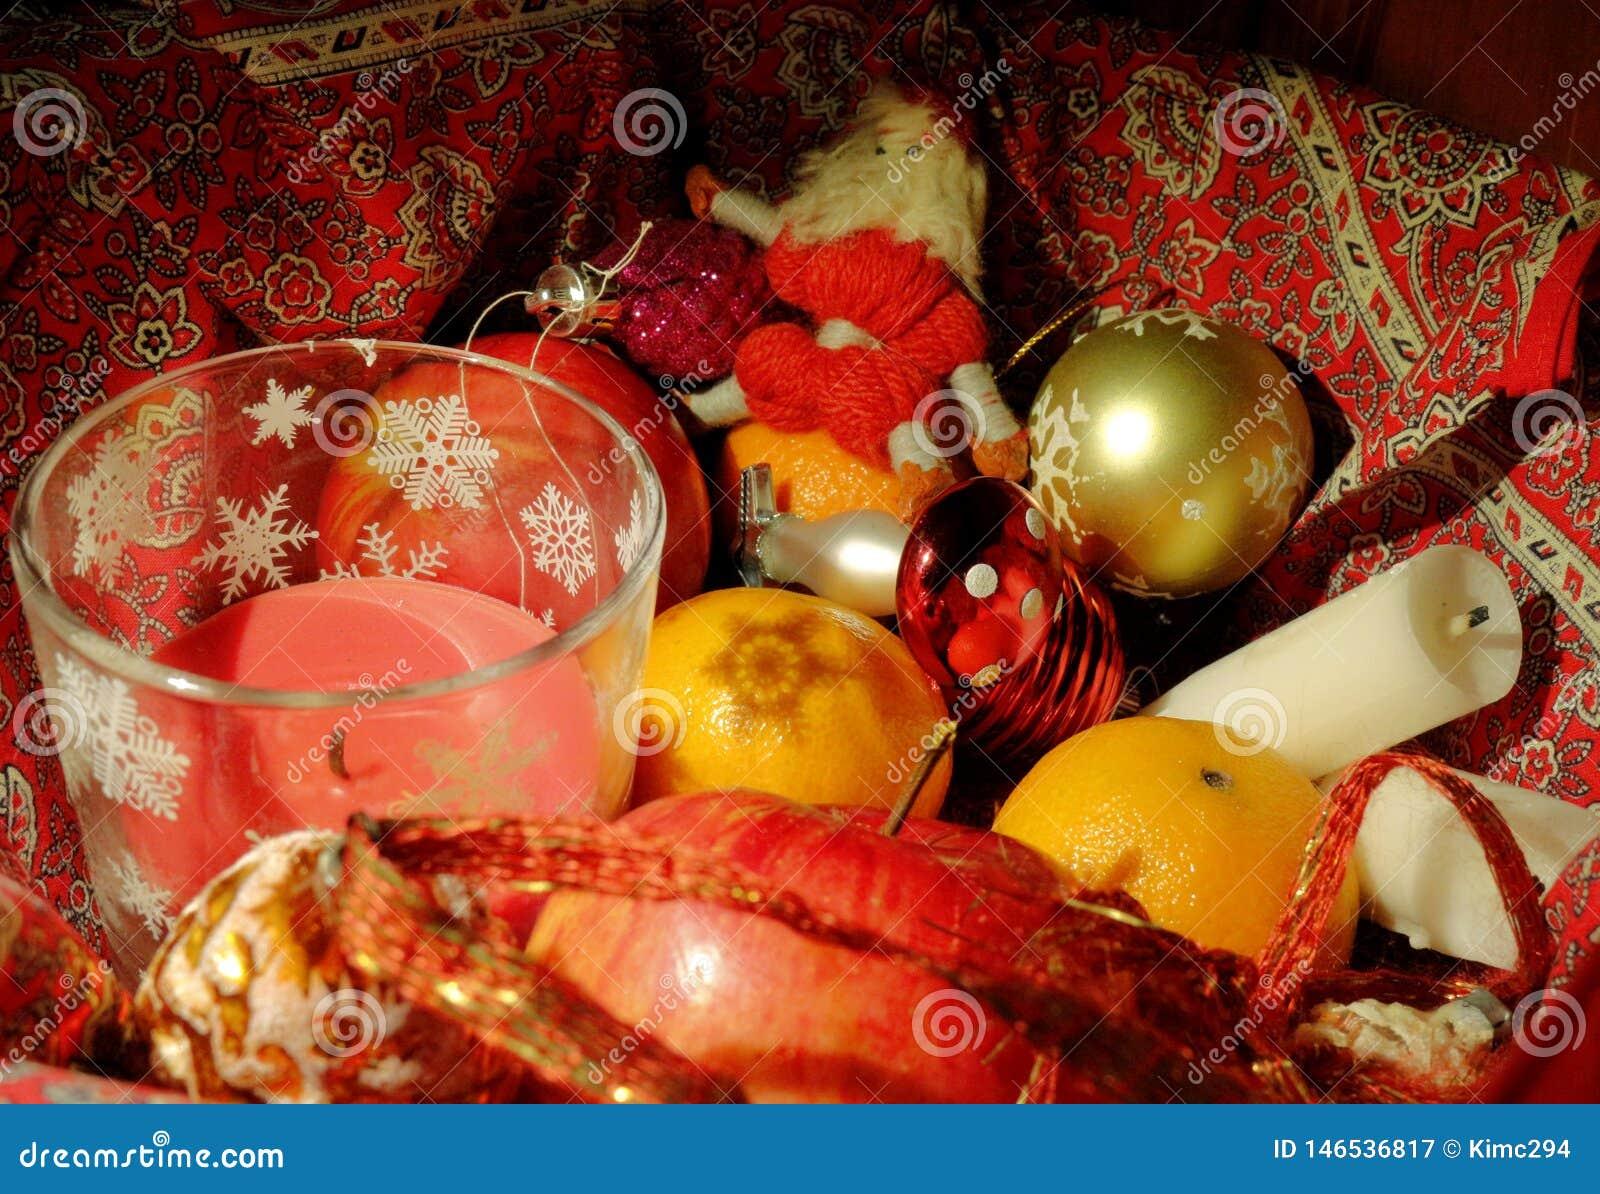 Composición de la Navidad con la fruta, las velas y la decoración de la Navidad